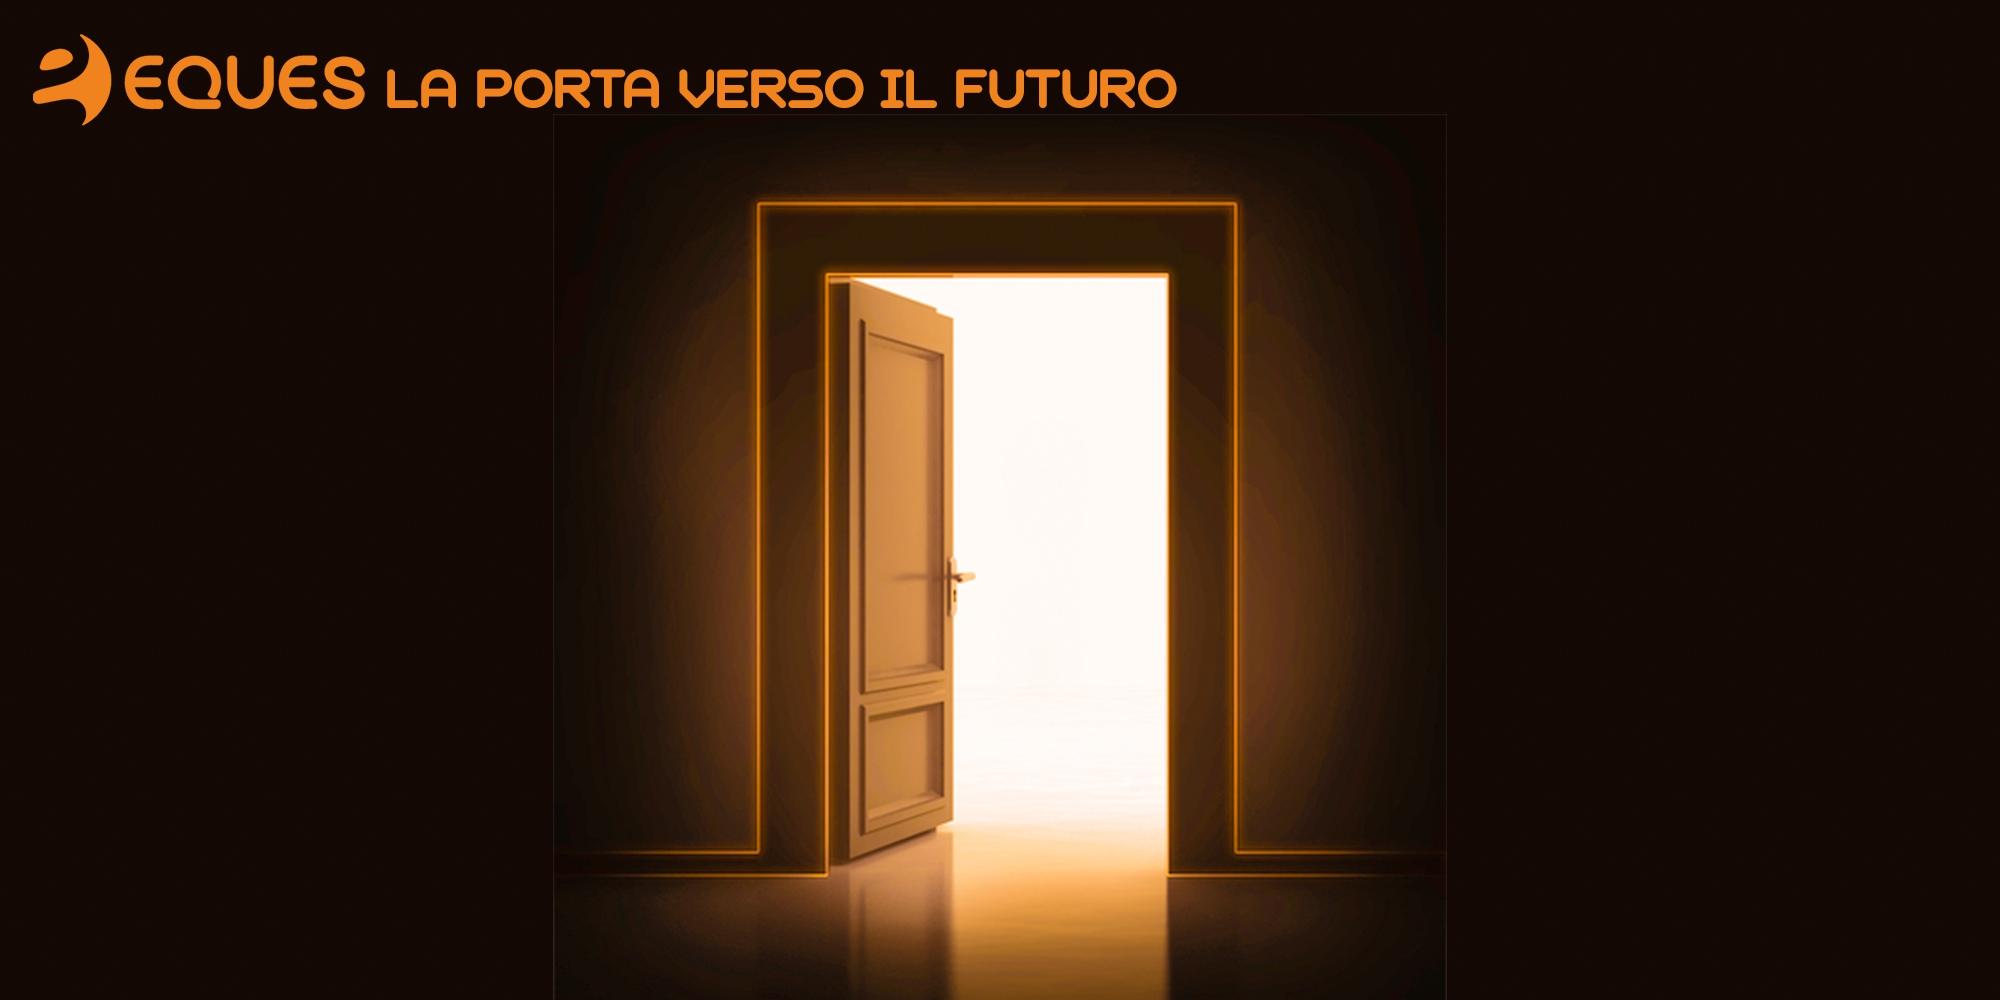 La porta verso il futuro